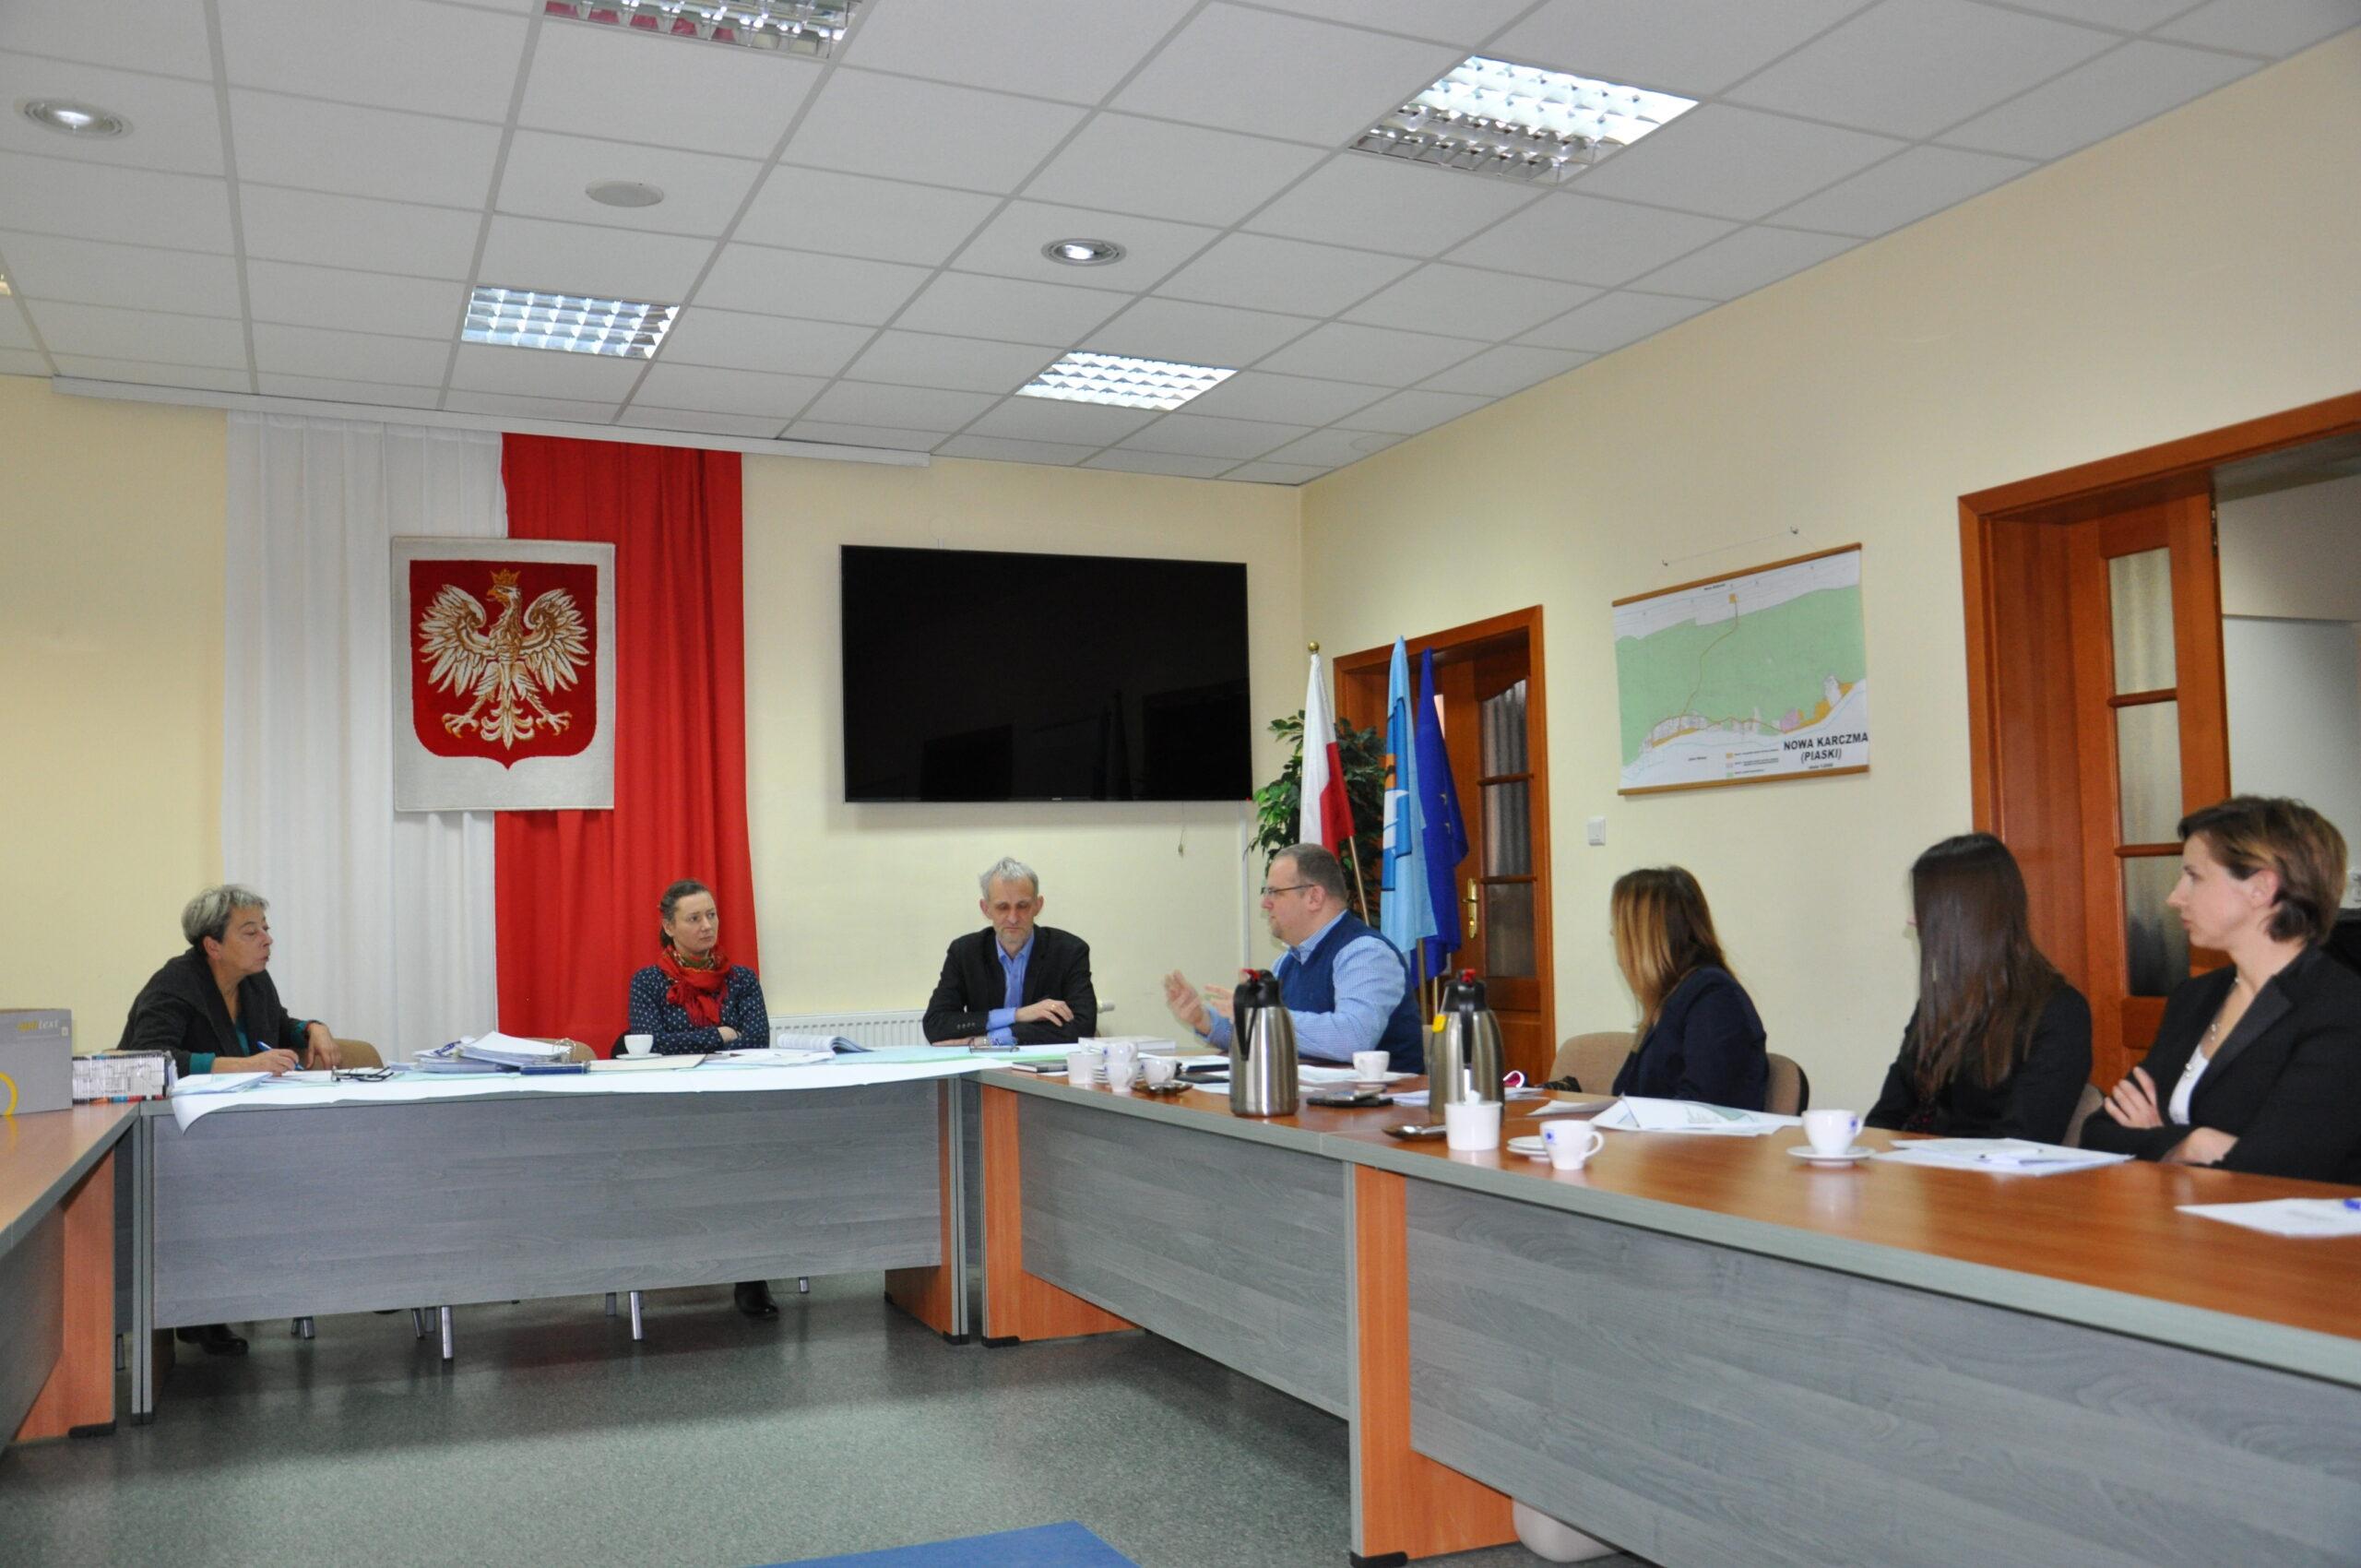 Dialog Terytorialny w Krynicy Morskiej